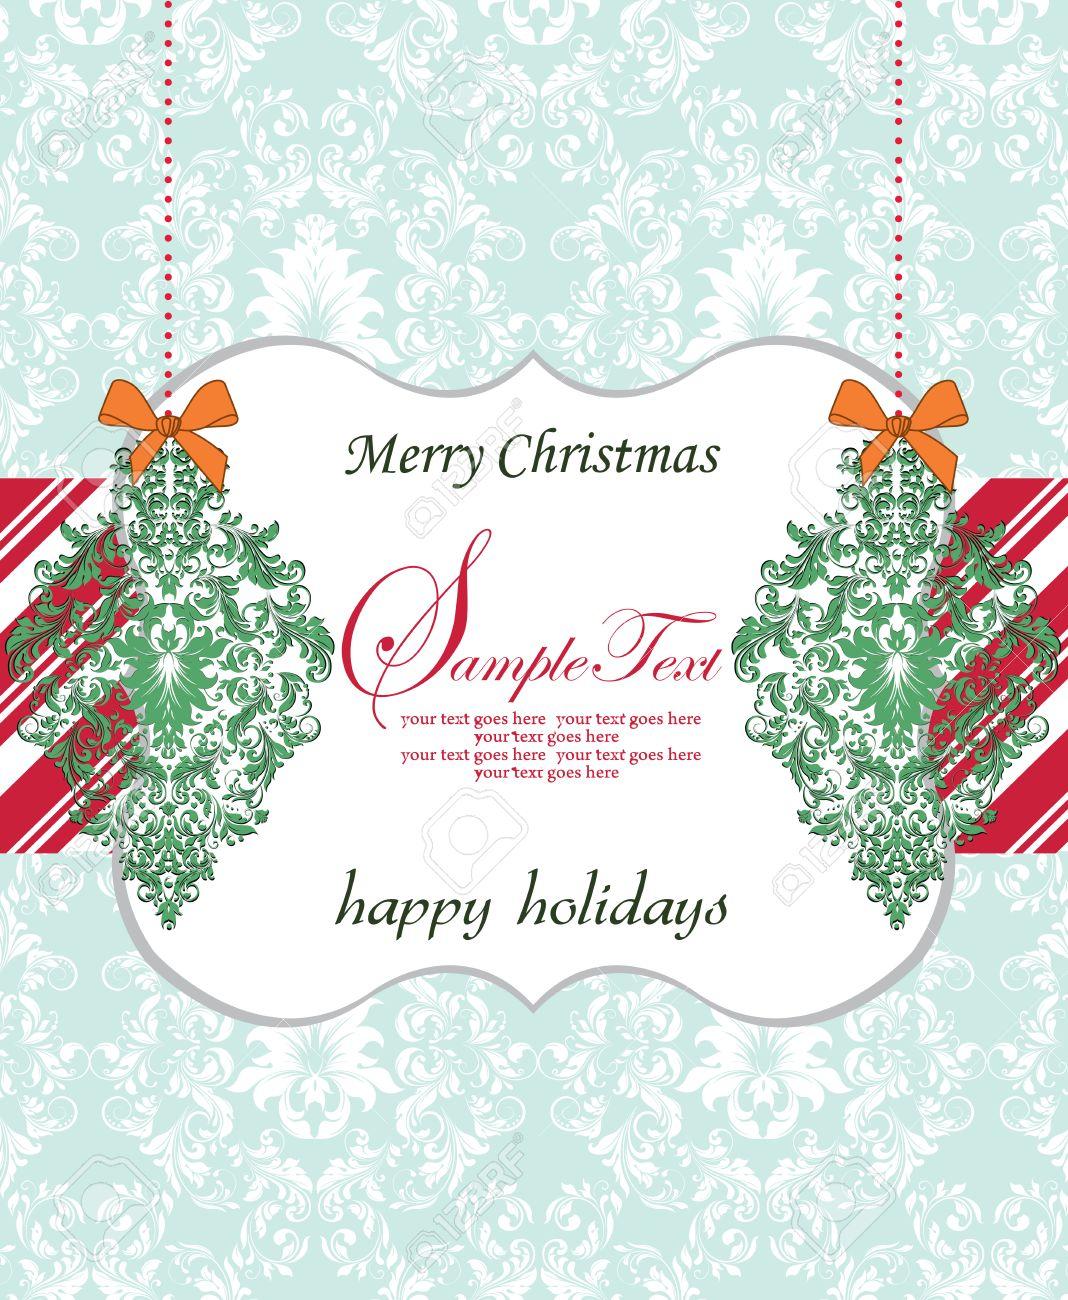 tarjeta de navidad del vintage con diseo adornado elegante retro abstracto floral flores verdes y